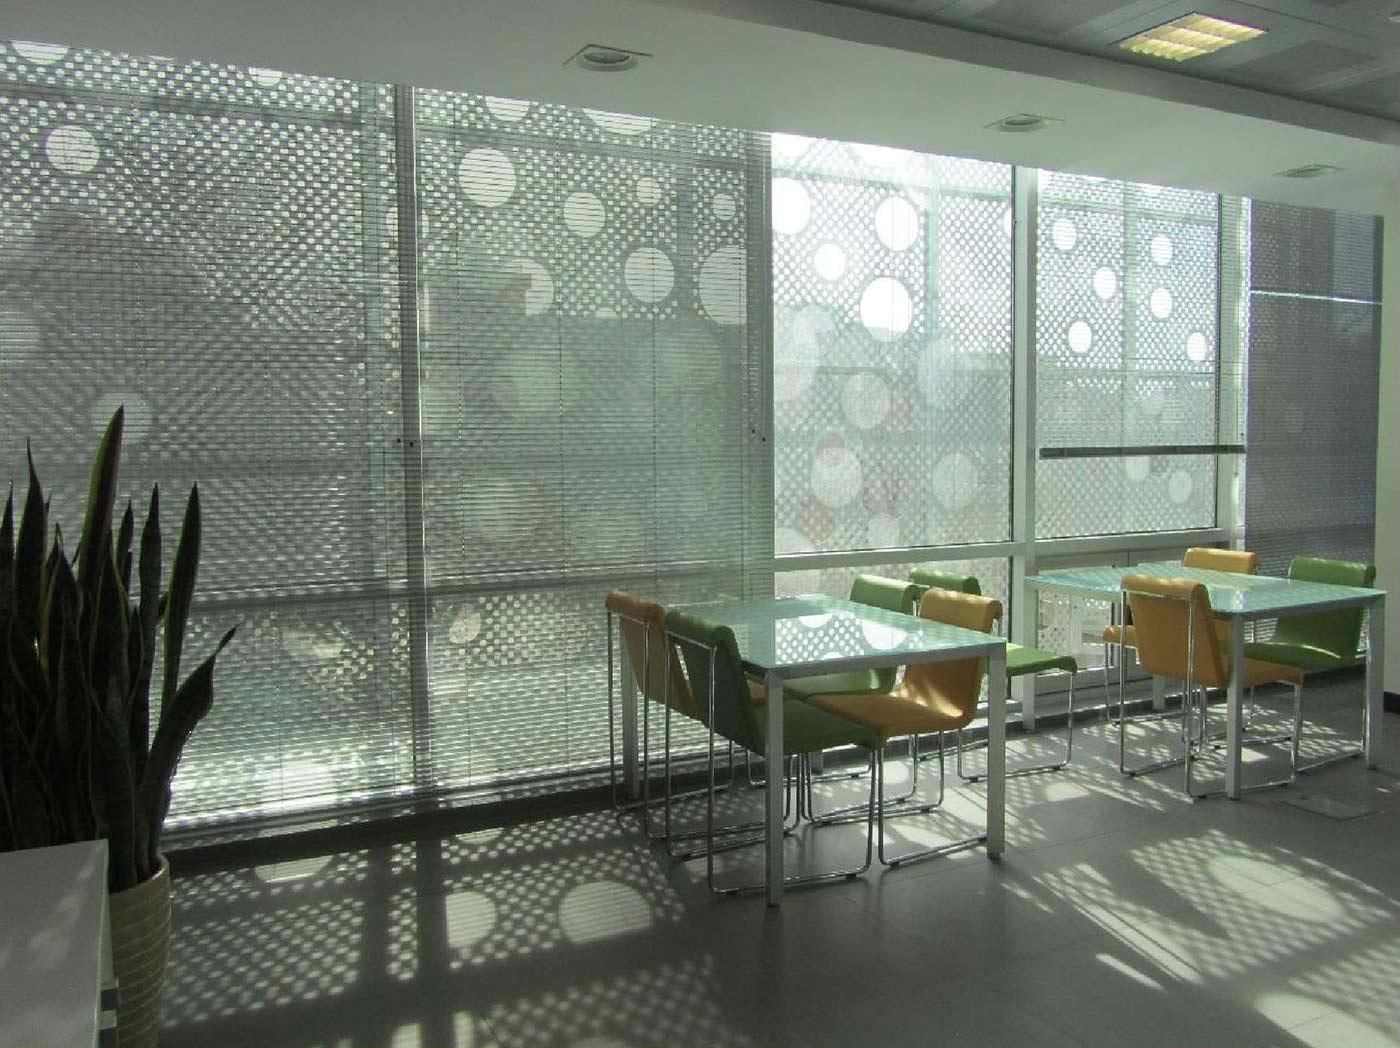 Sumitomo Offices